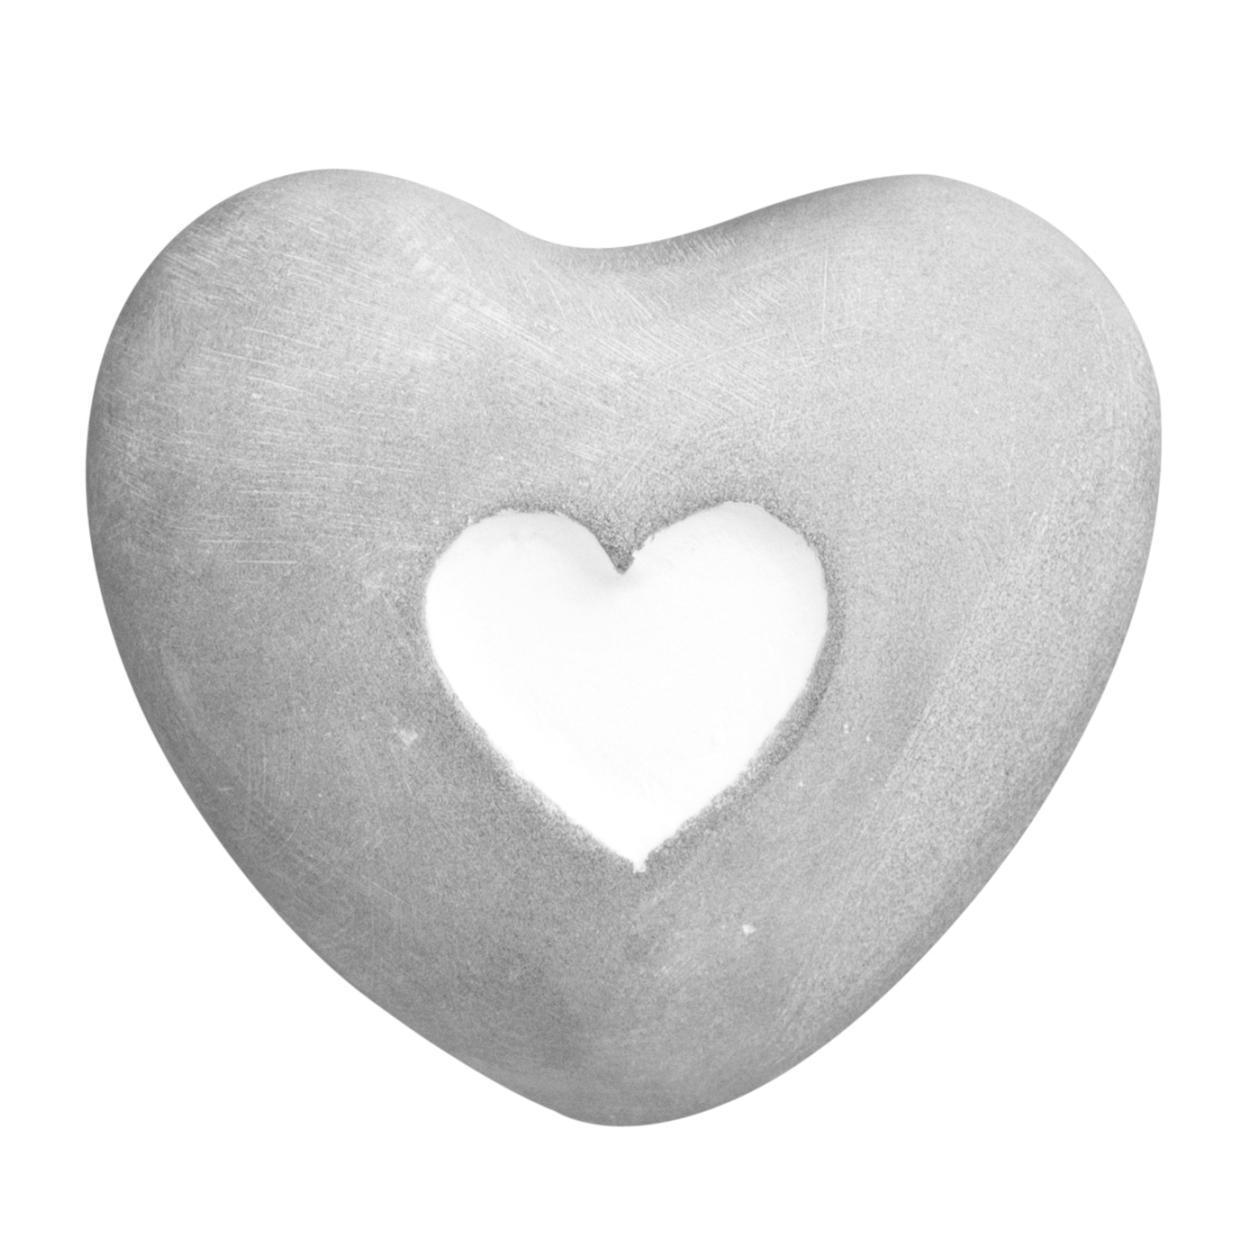 Betonherz - Herz - räder